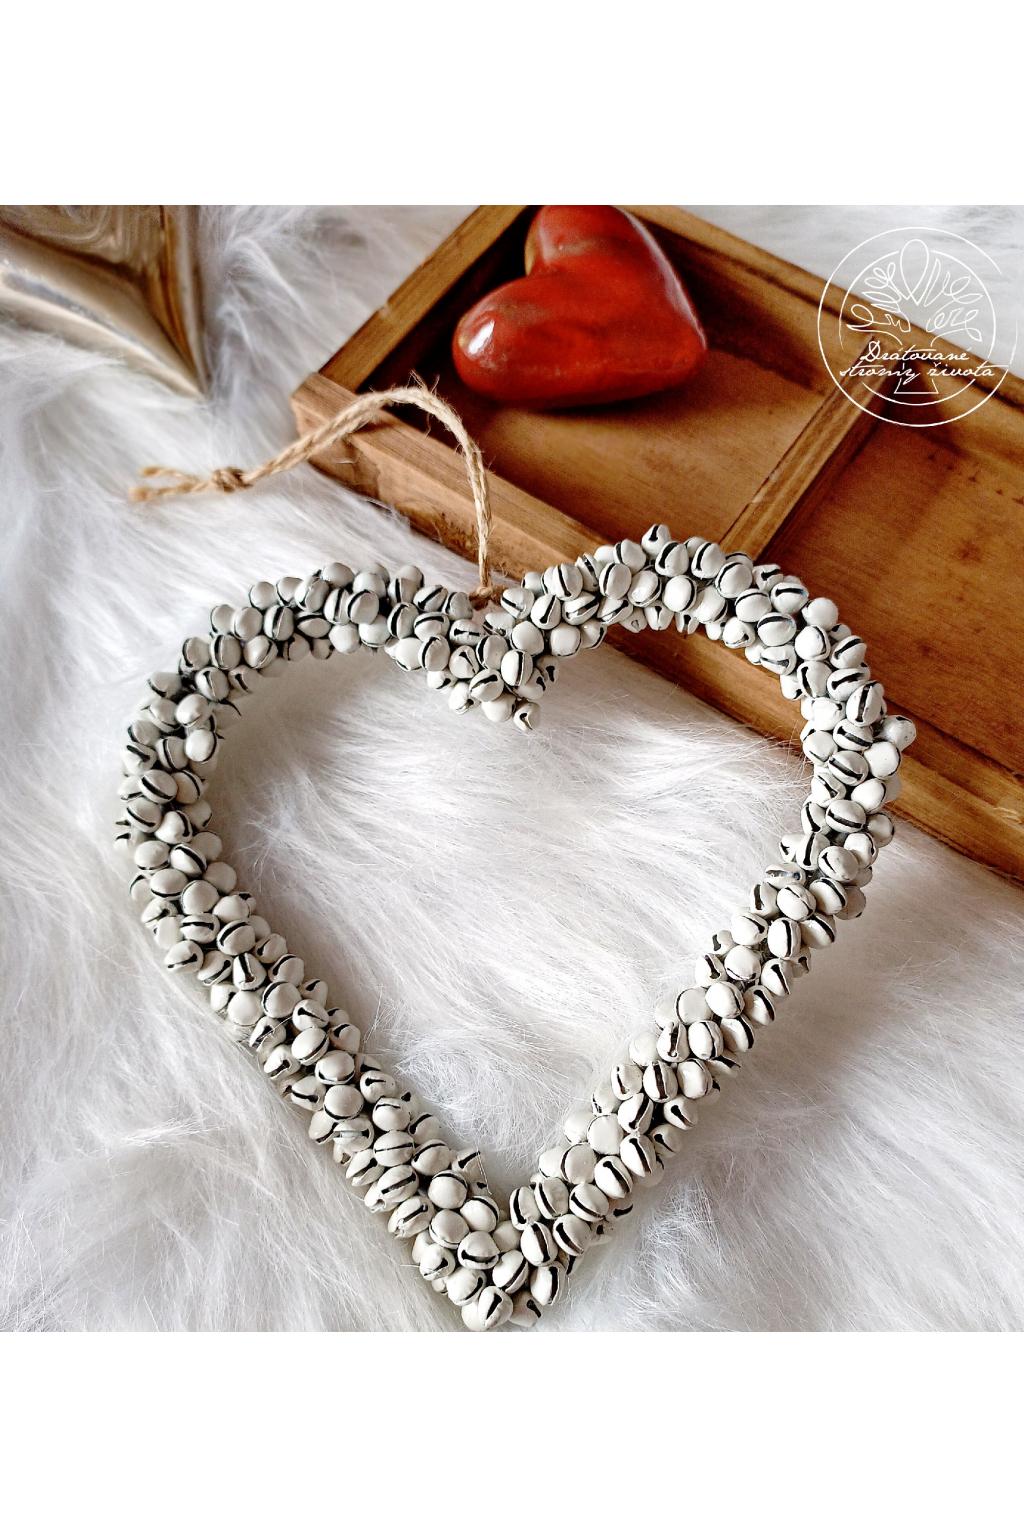 Srdce - Slyším tvé srdce bít 20cm